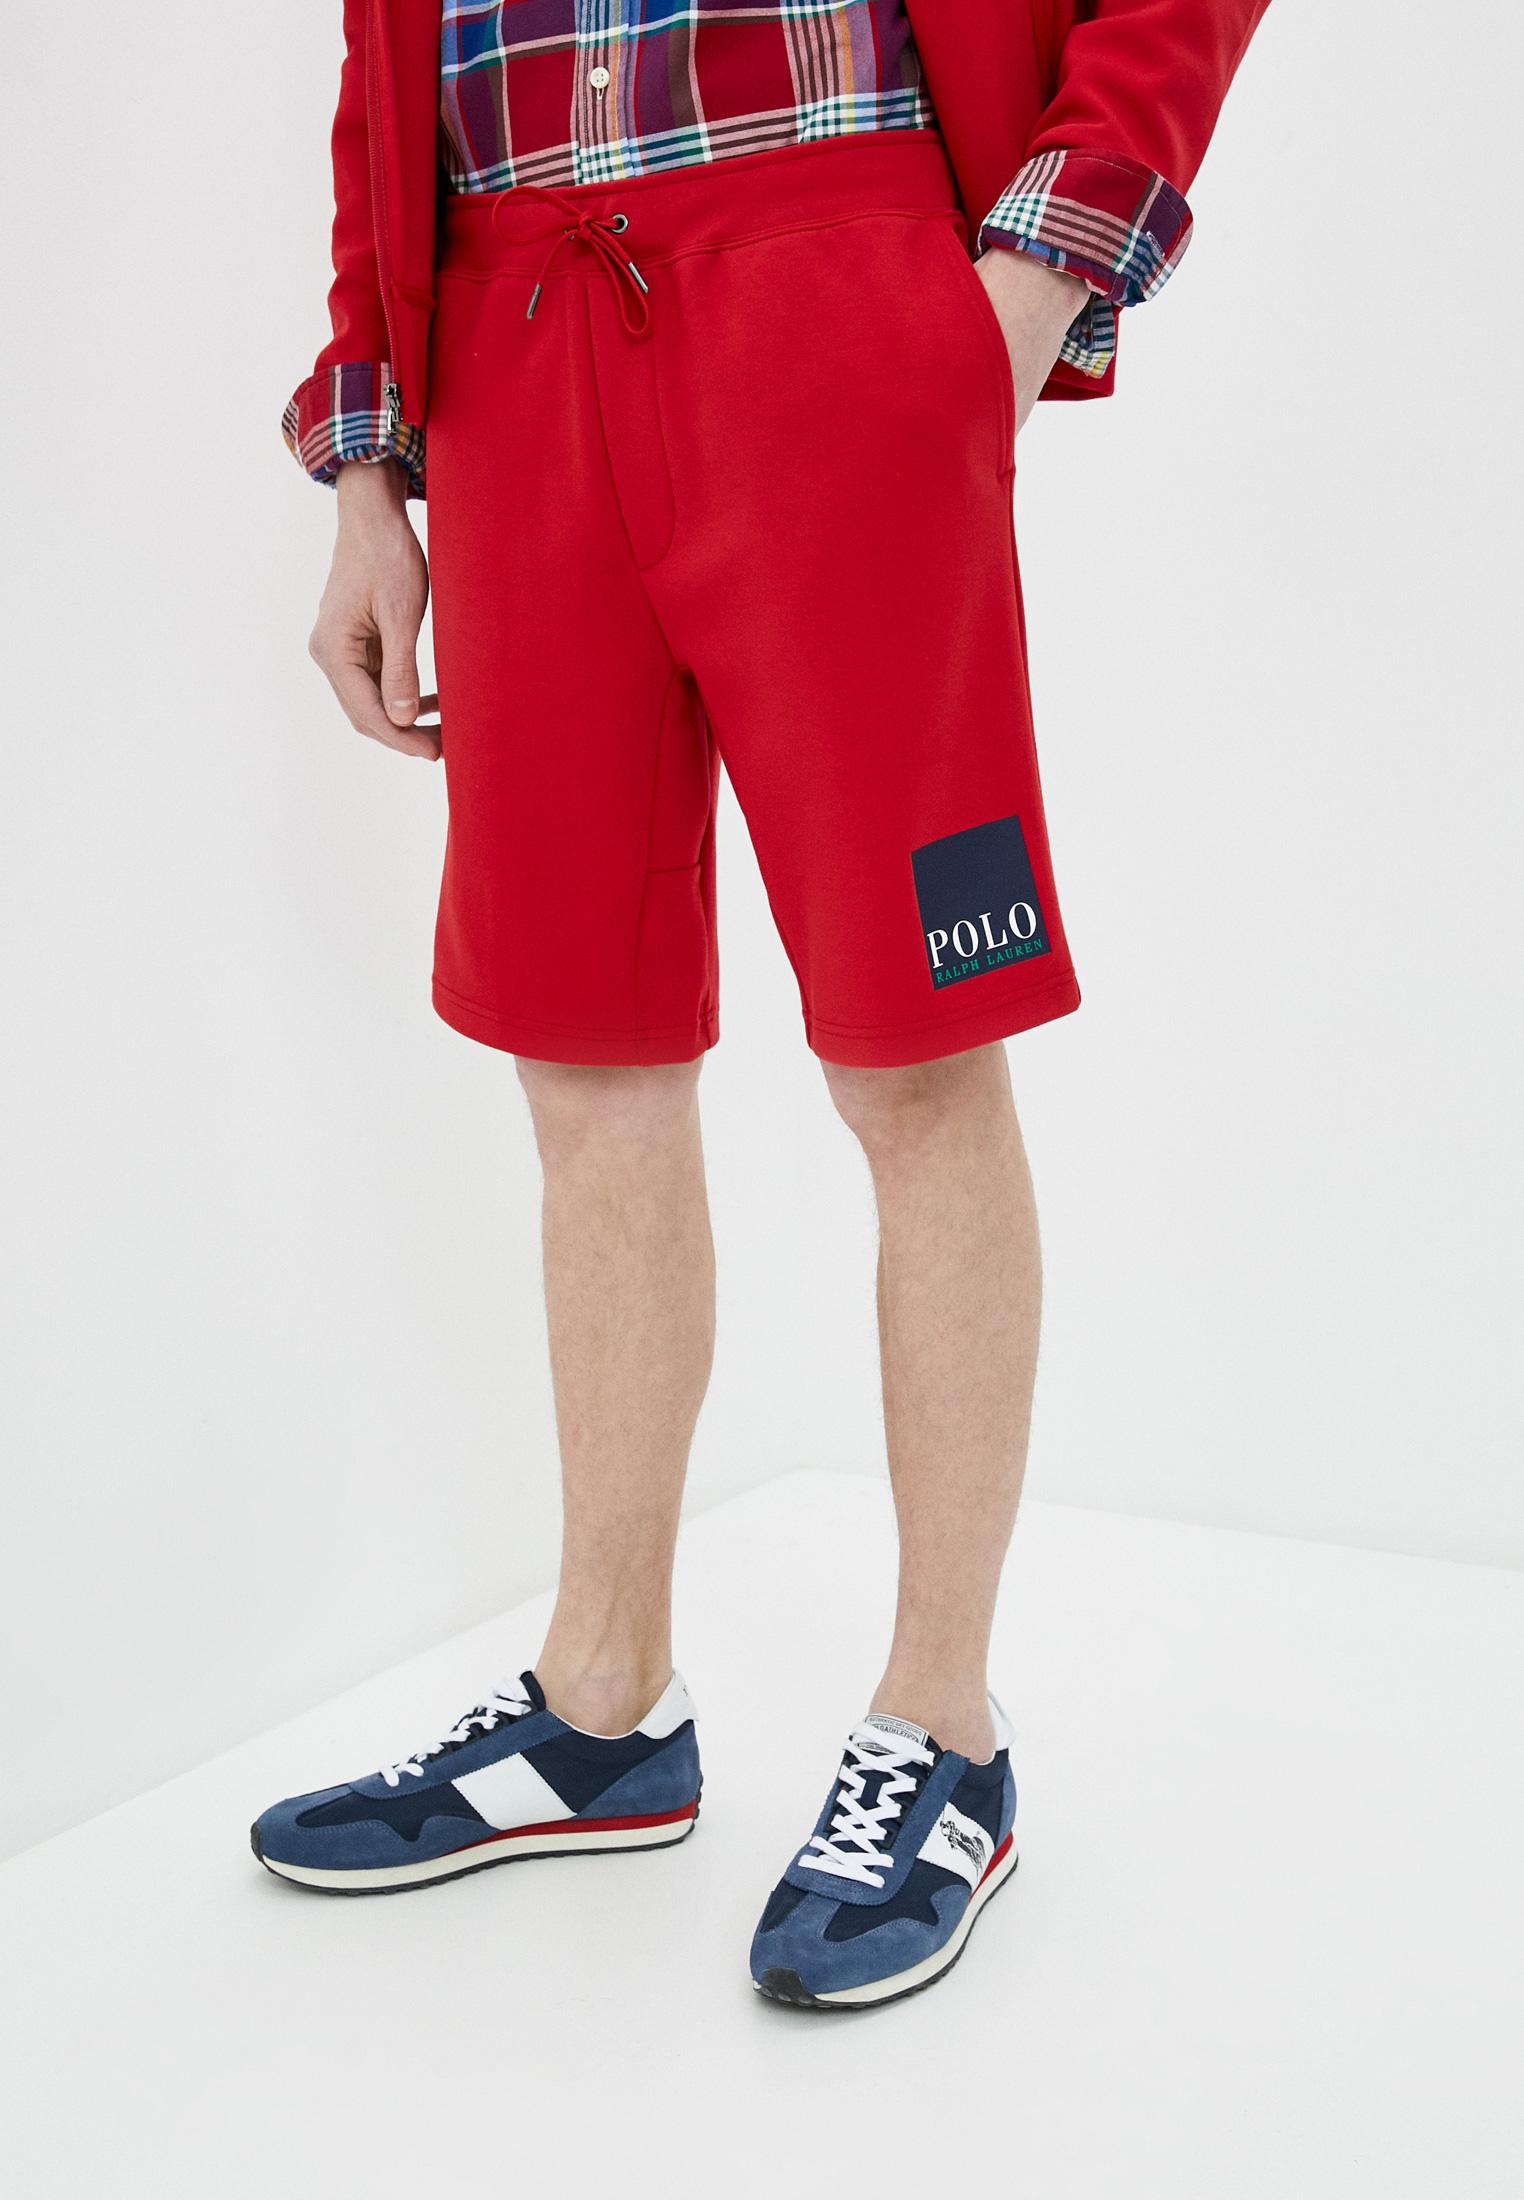 Мужские повседневные шорты Polo Ralph Lauren (Поло Ральф Лорен) Шорты спортивные Polo Ralph Lauren